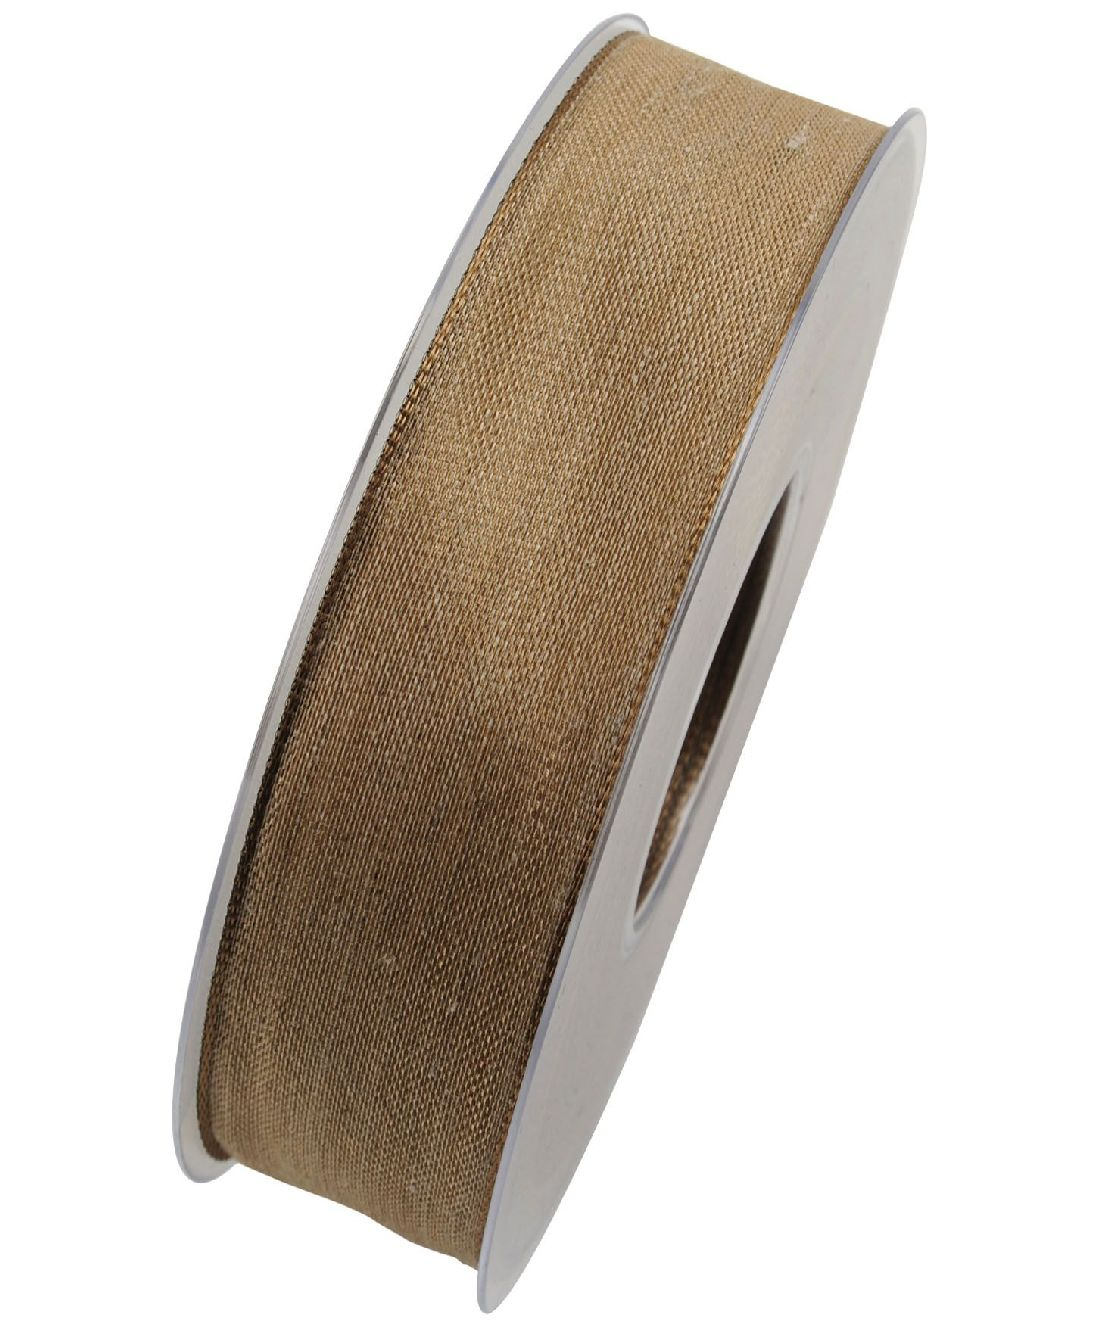 Band Botswana Leinenband HELLBRAUN X092 71 25mm  20Meter Drahtkante